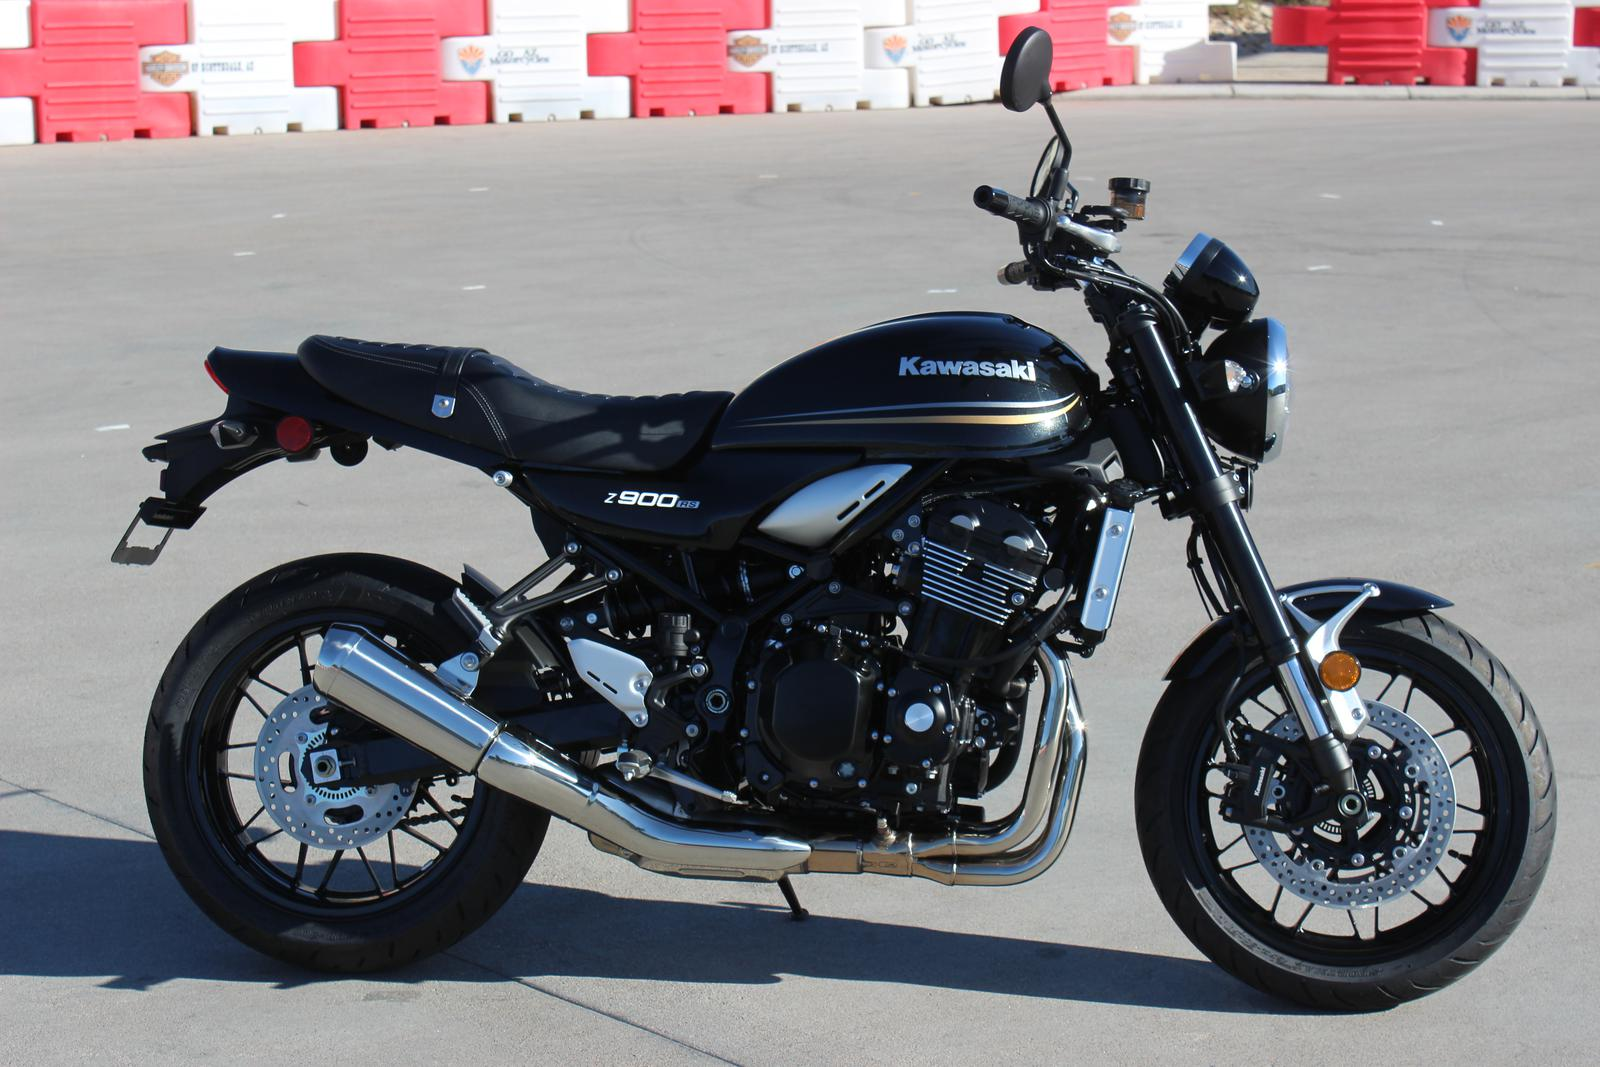 2018 Kawasaki Z900RS For Sale In Scottsdale AZ